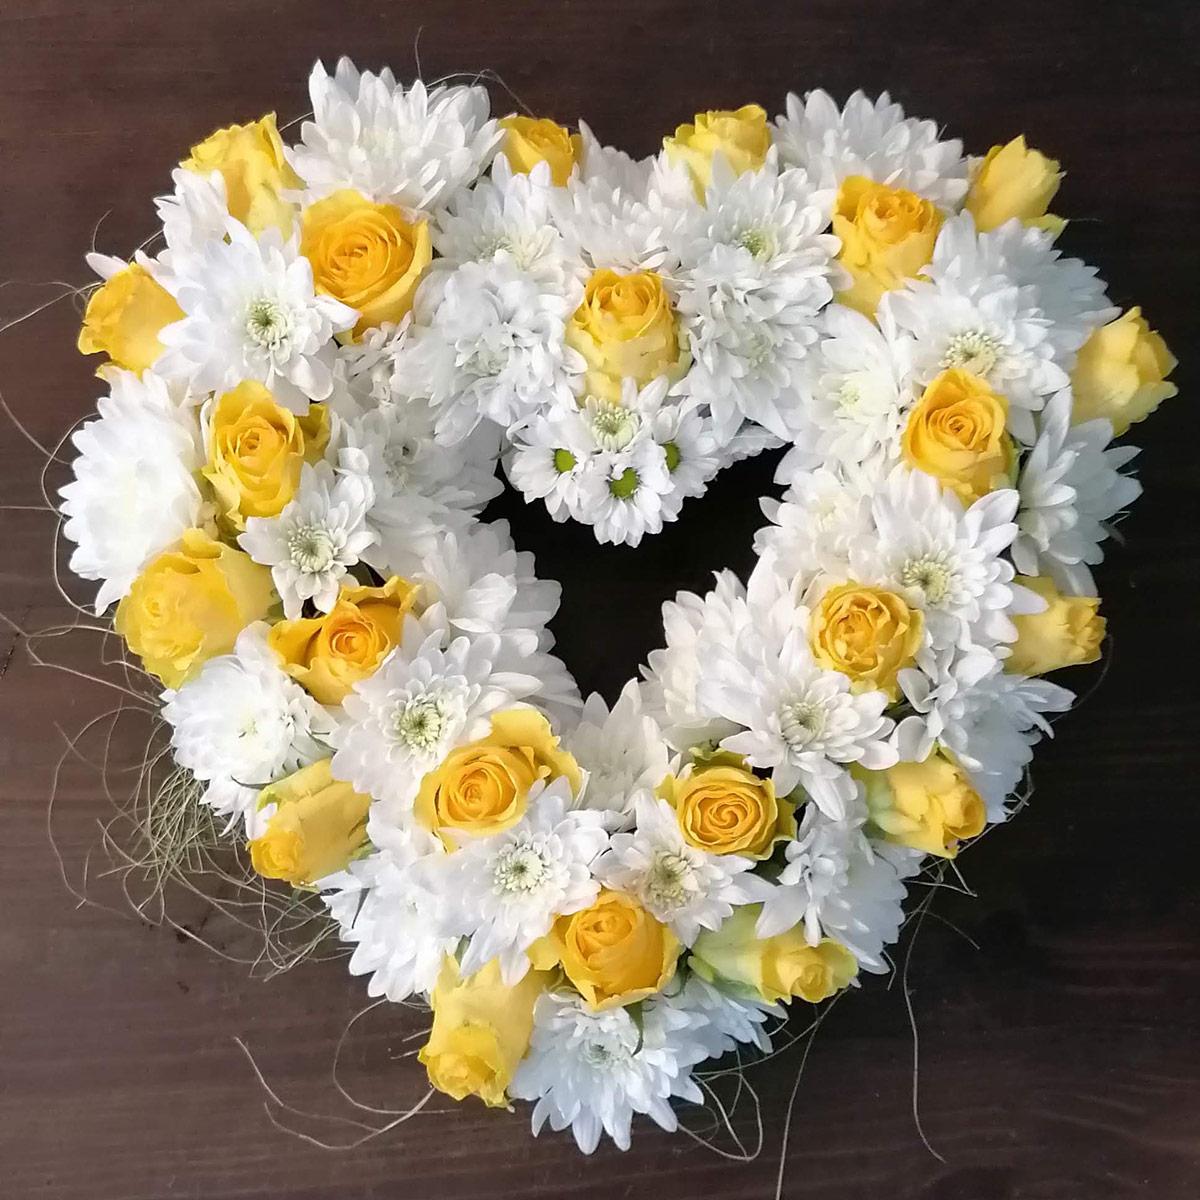 Blumenherz gelbe Rosen